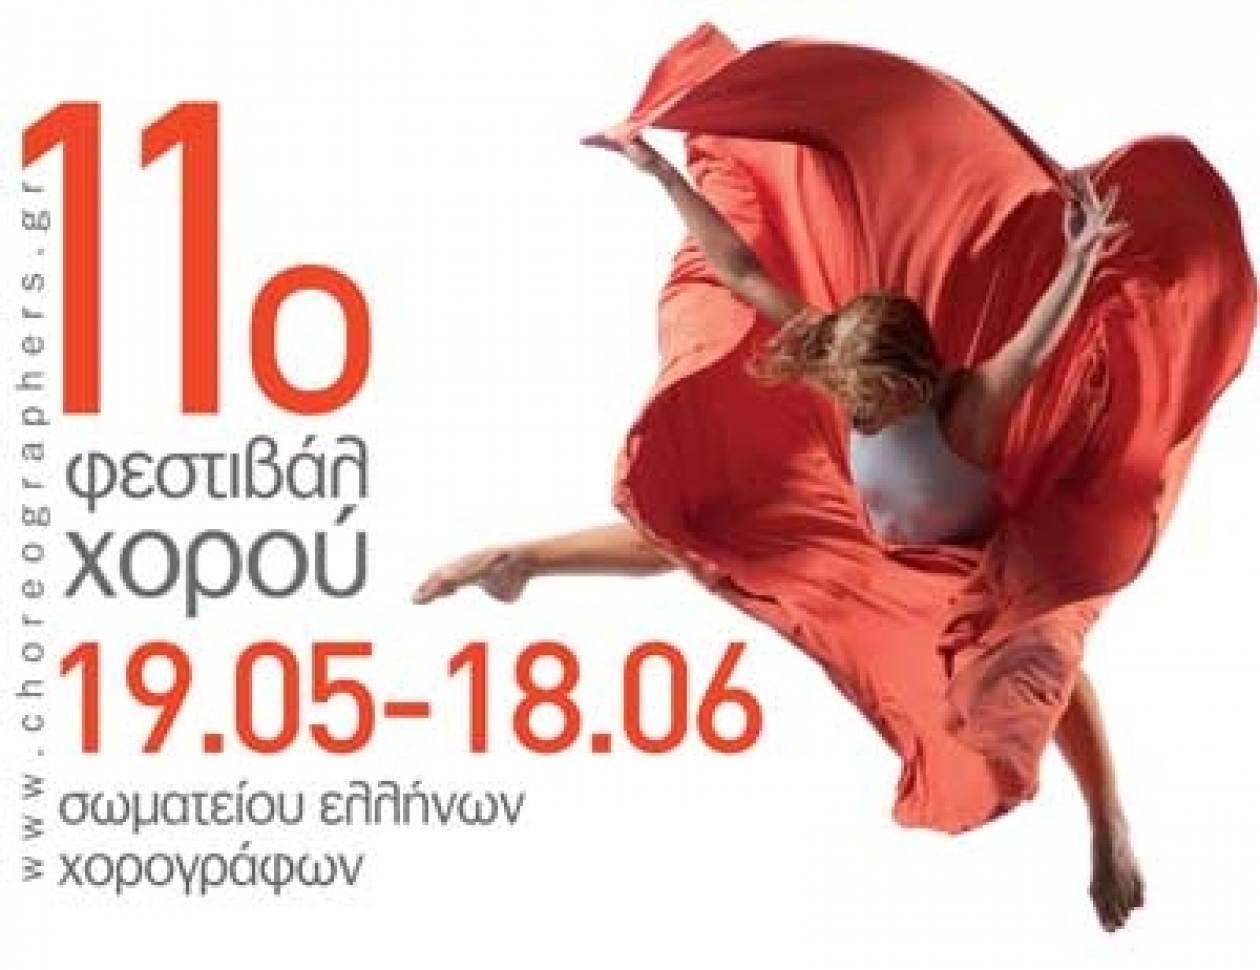 11ο Φεστιβάλ Χορού των Ελλήνων Χορογράφων